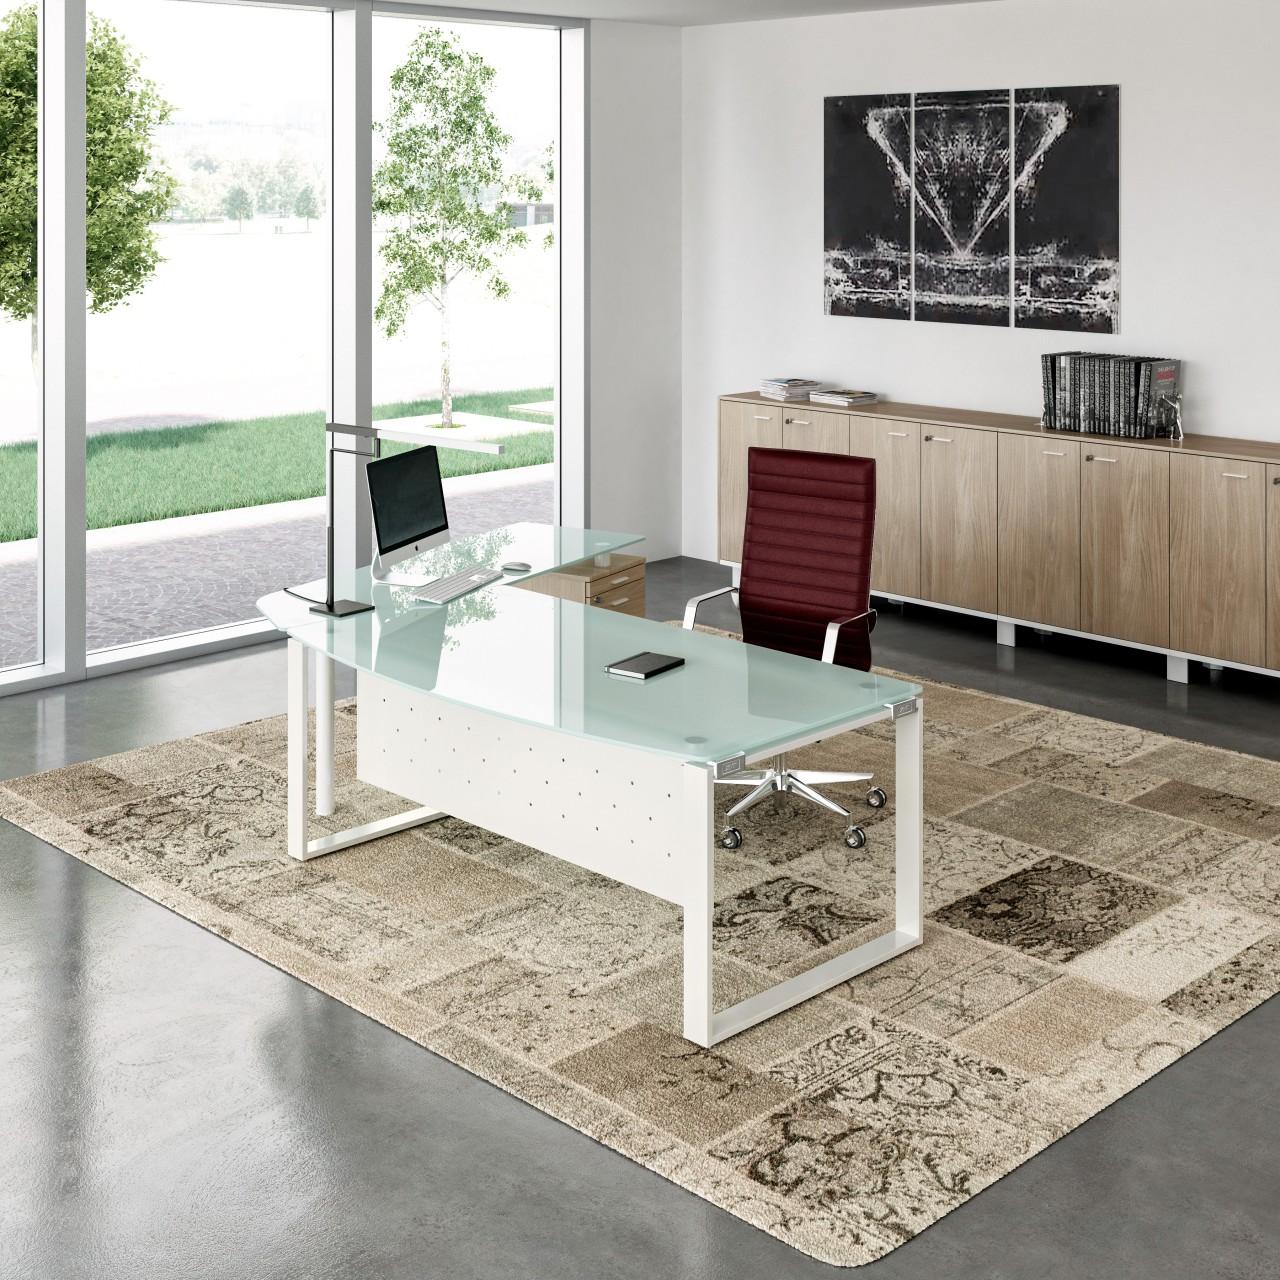 Bureau en verre x time manager achat bureau design 2 199 00 - Plateau verre trempe bureau ...